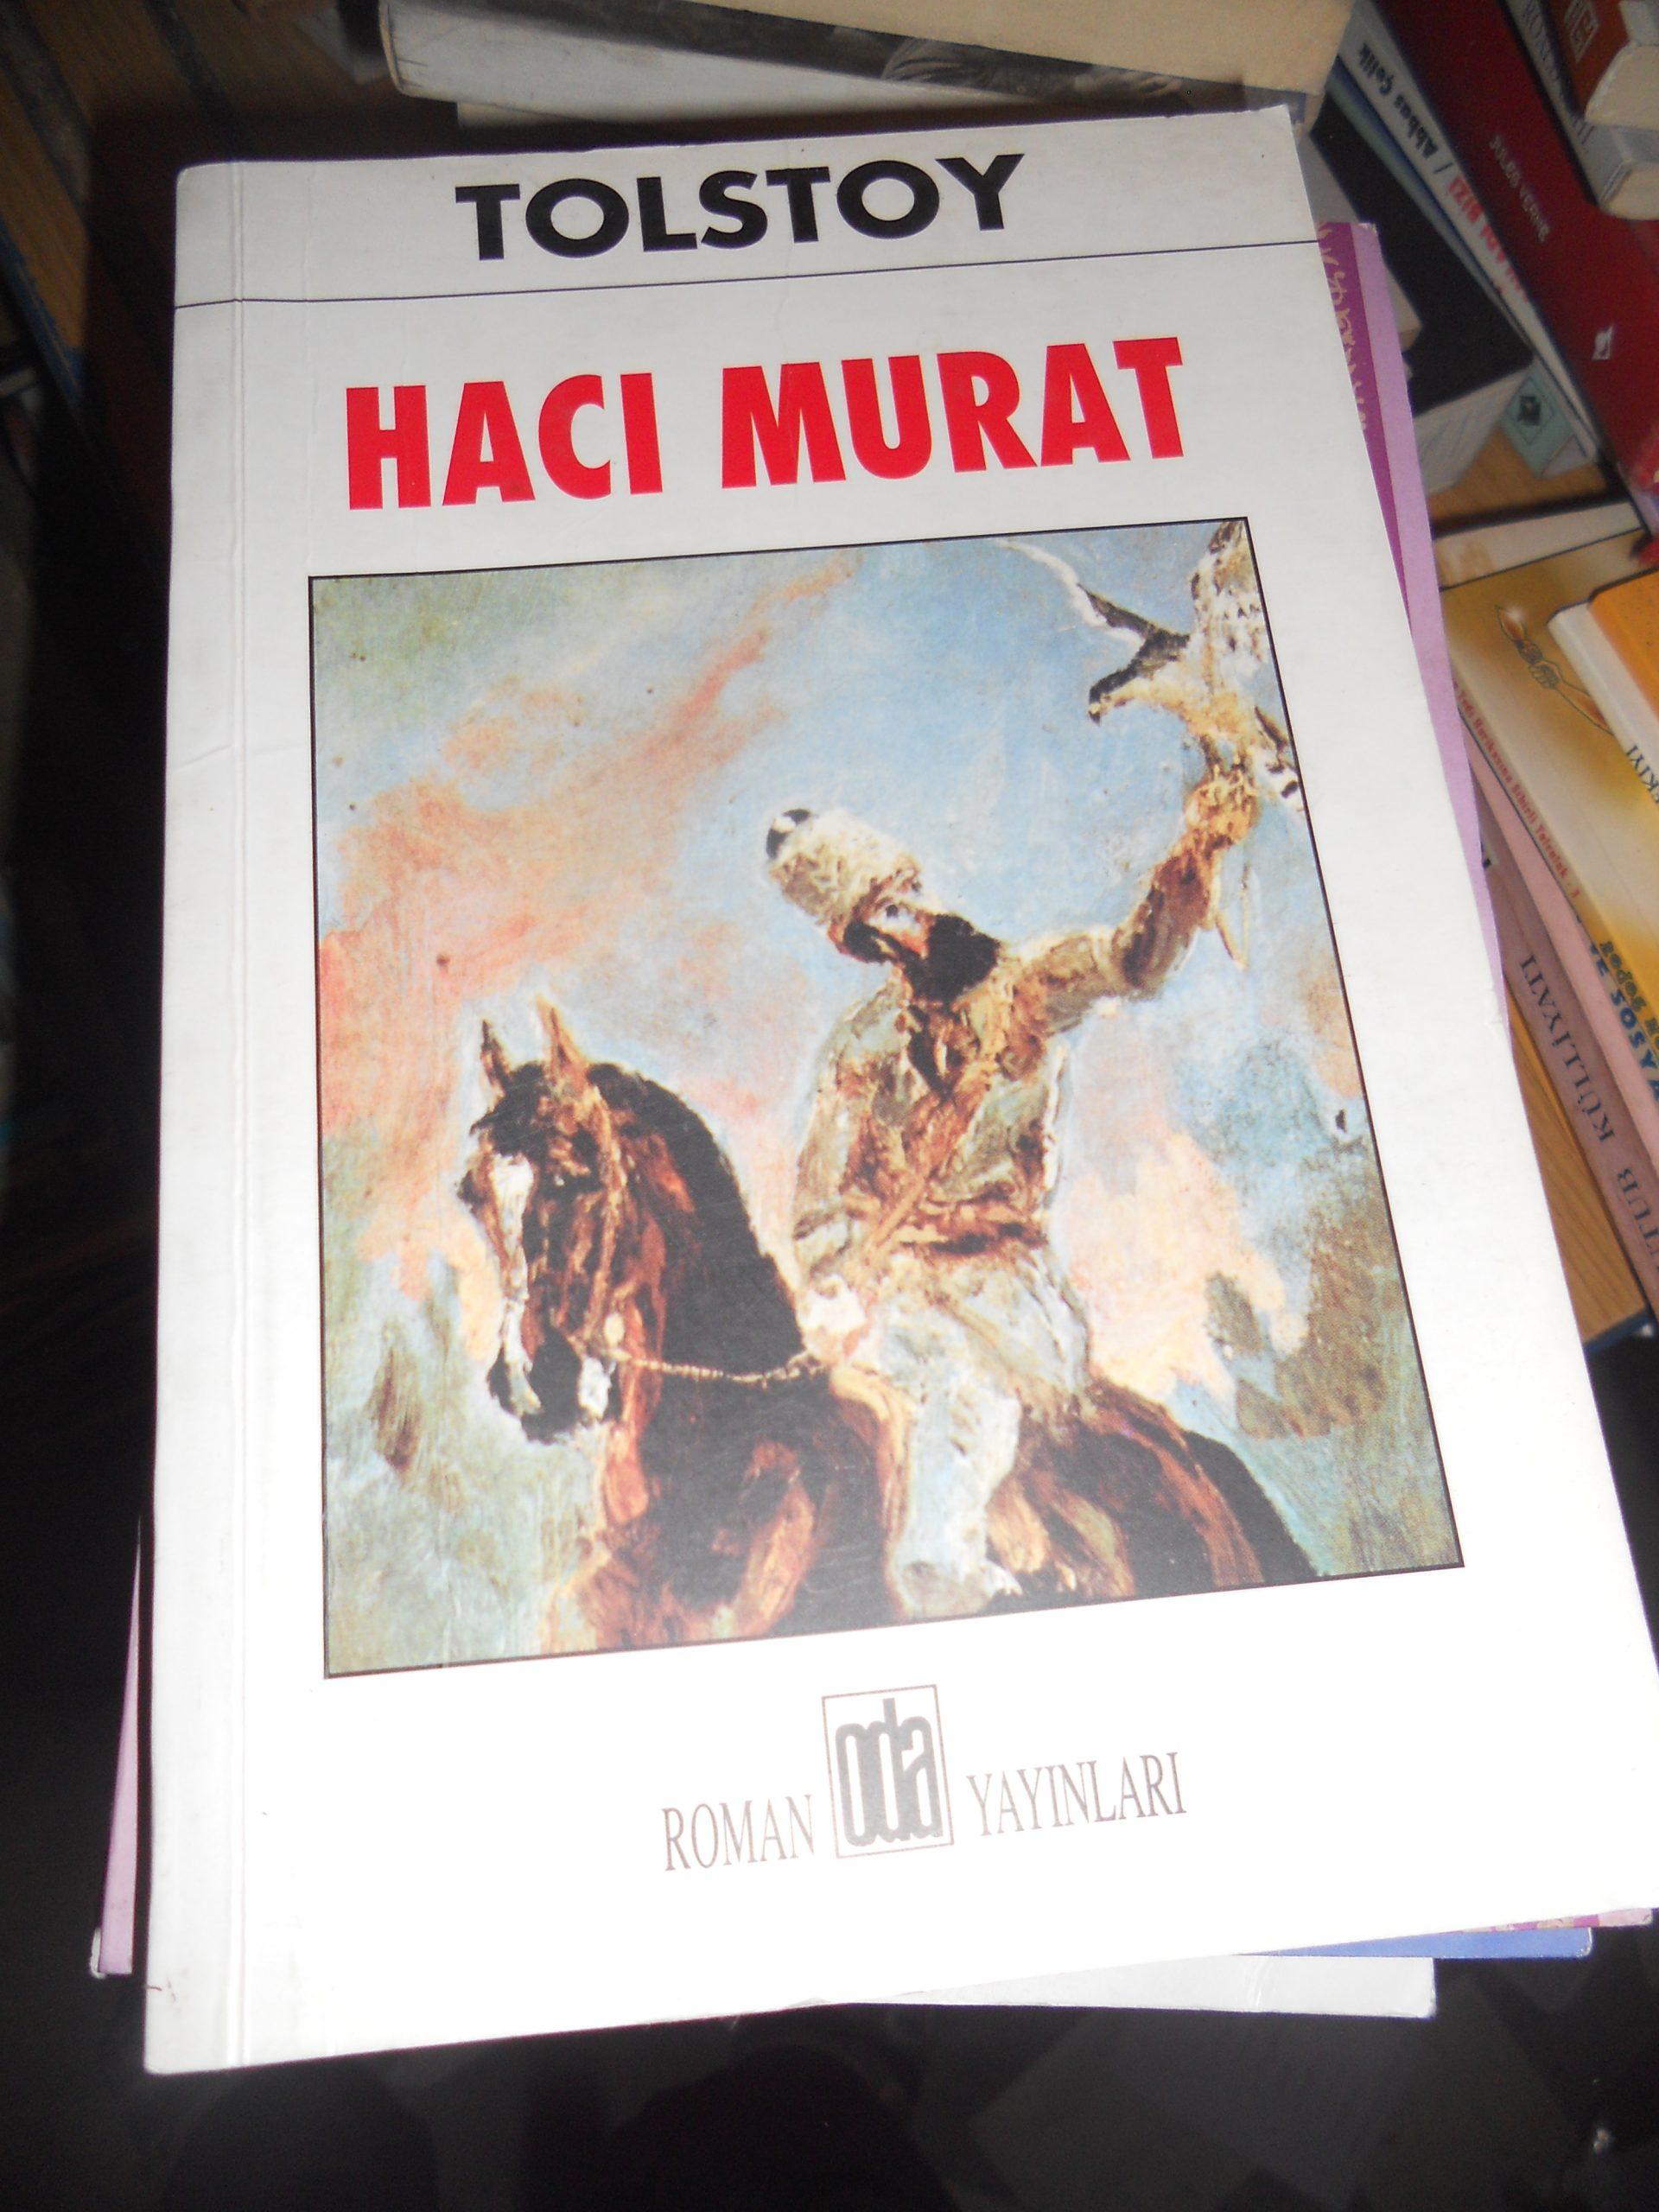 HACI MURAT/TOLSTOY